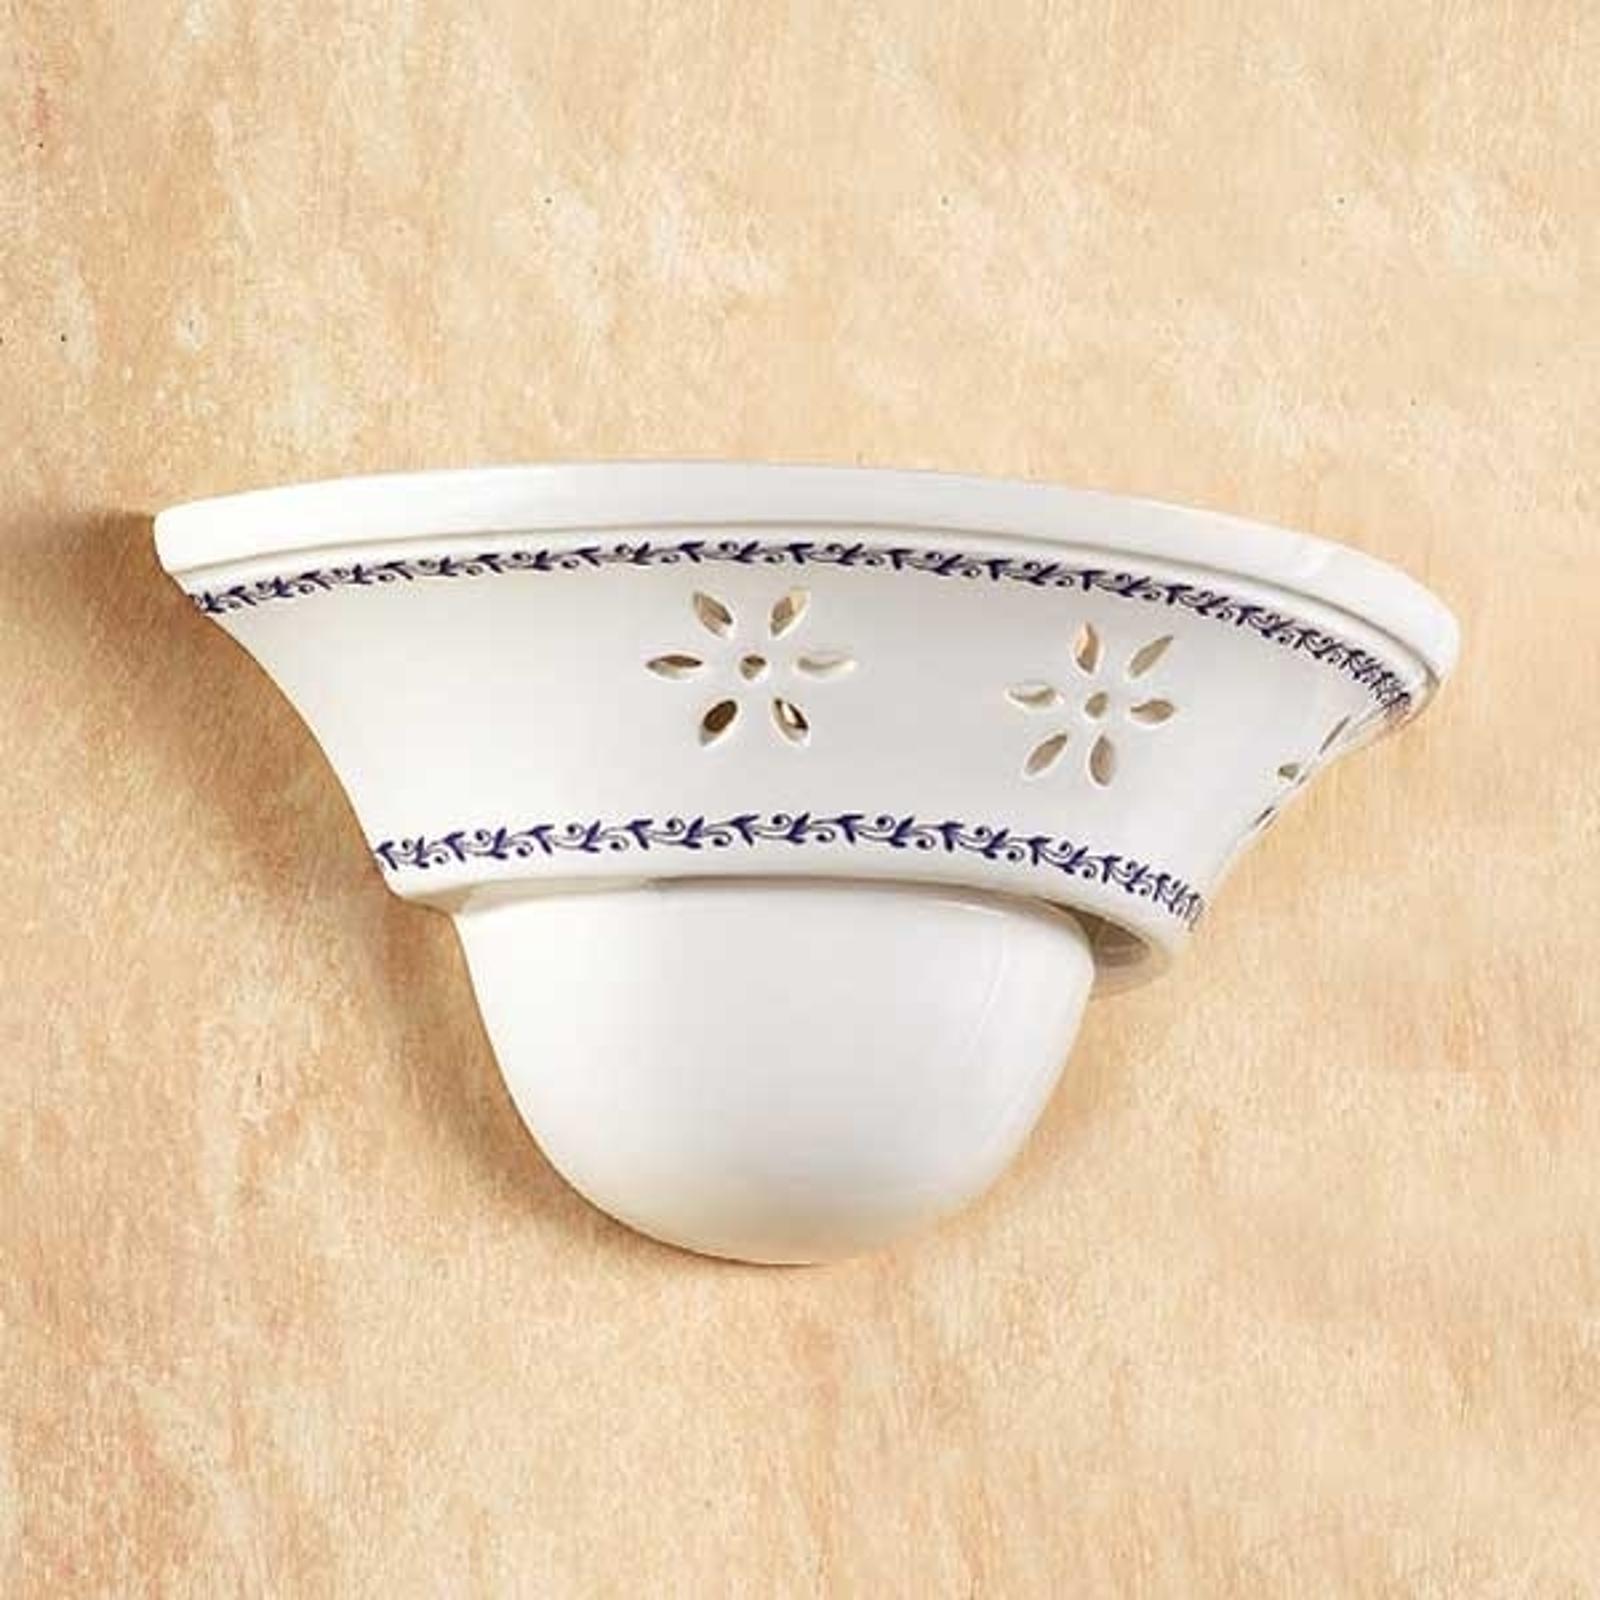 Nástenné svietidlo Il Punti s keramickou miskou_2013062_1